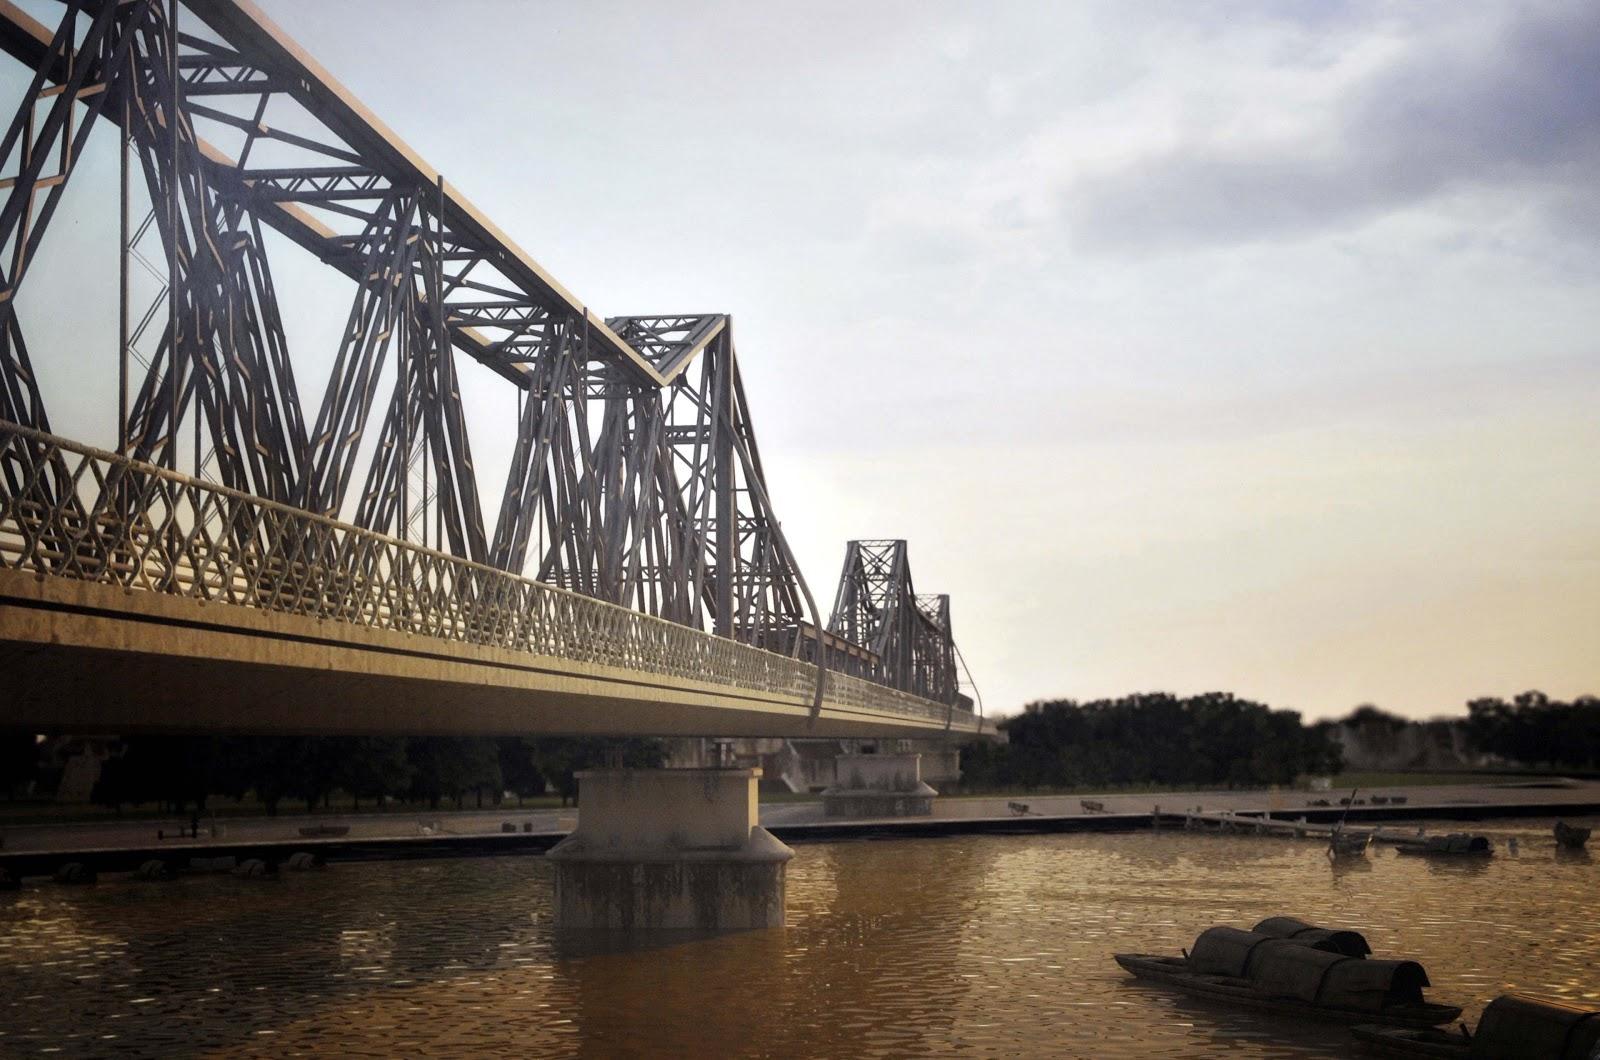 Lịch sử khai thác tự nhiên ở châu thổ sông Hồng